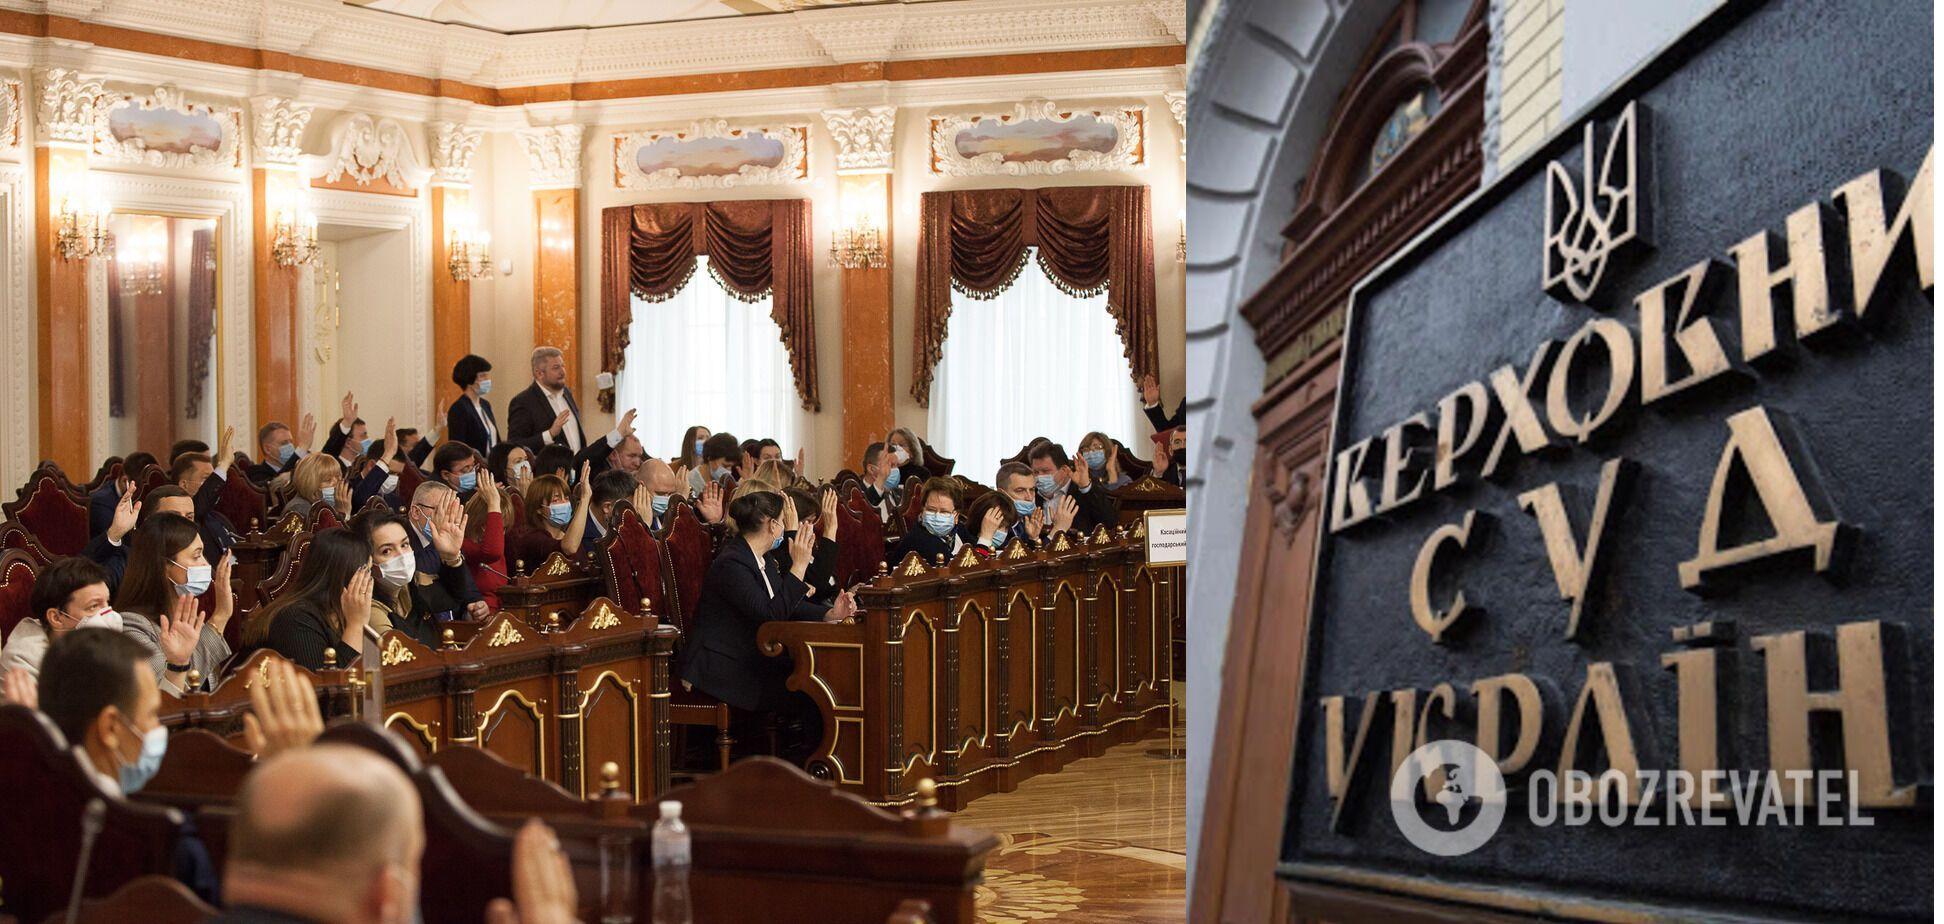 Верховный суд впервые удовлетворил иск Фонда гарантирования вкладов к экс-руководителям банка-банкрота